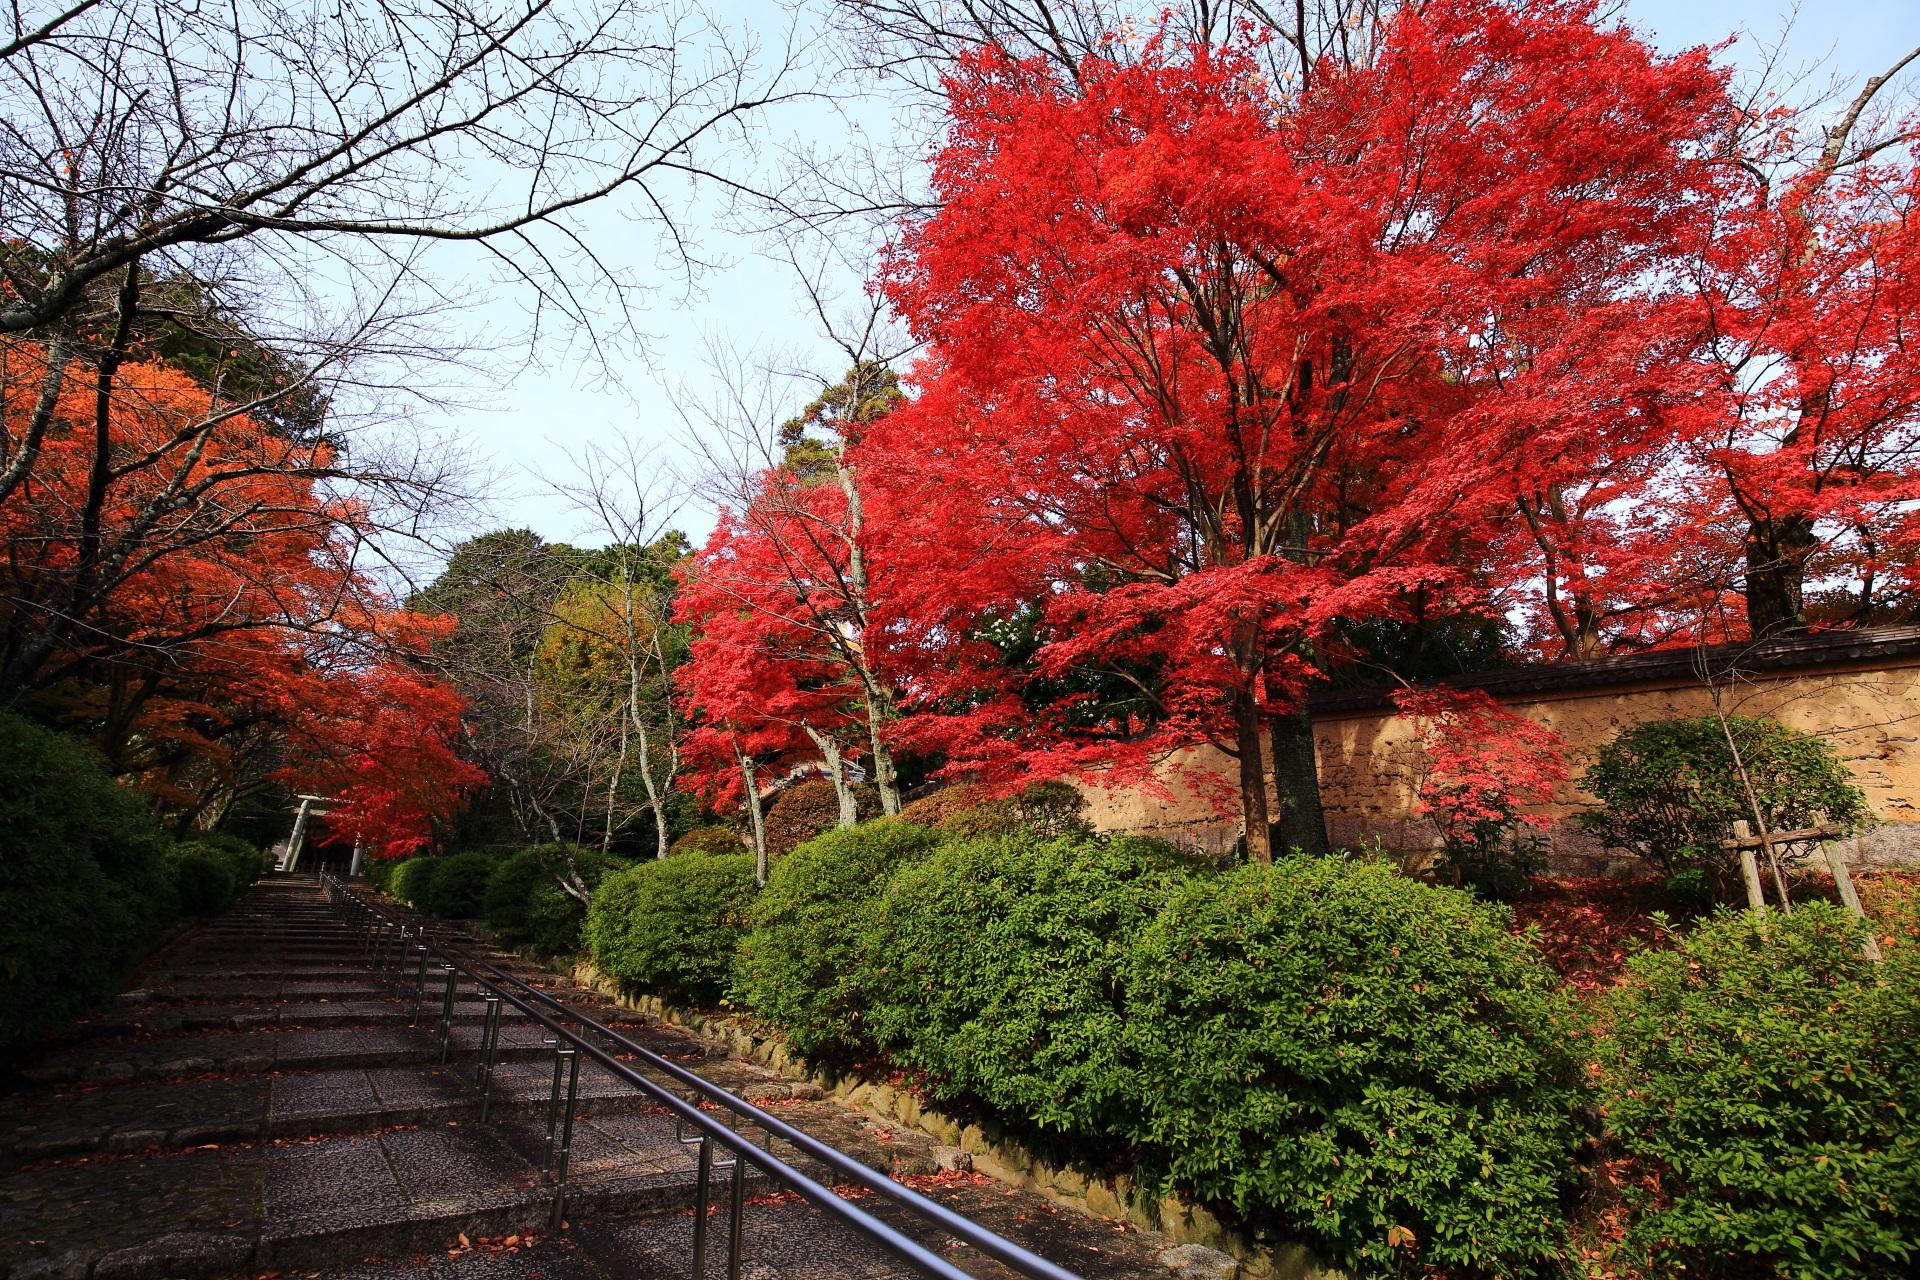 石段の下から見上げた風情ある秋色が広がる紅葉と鳥居